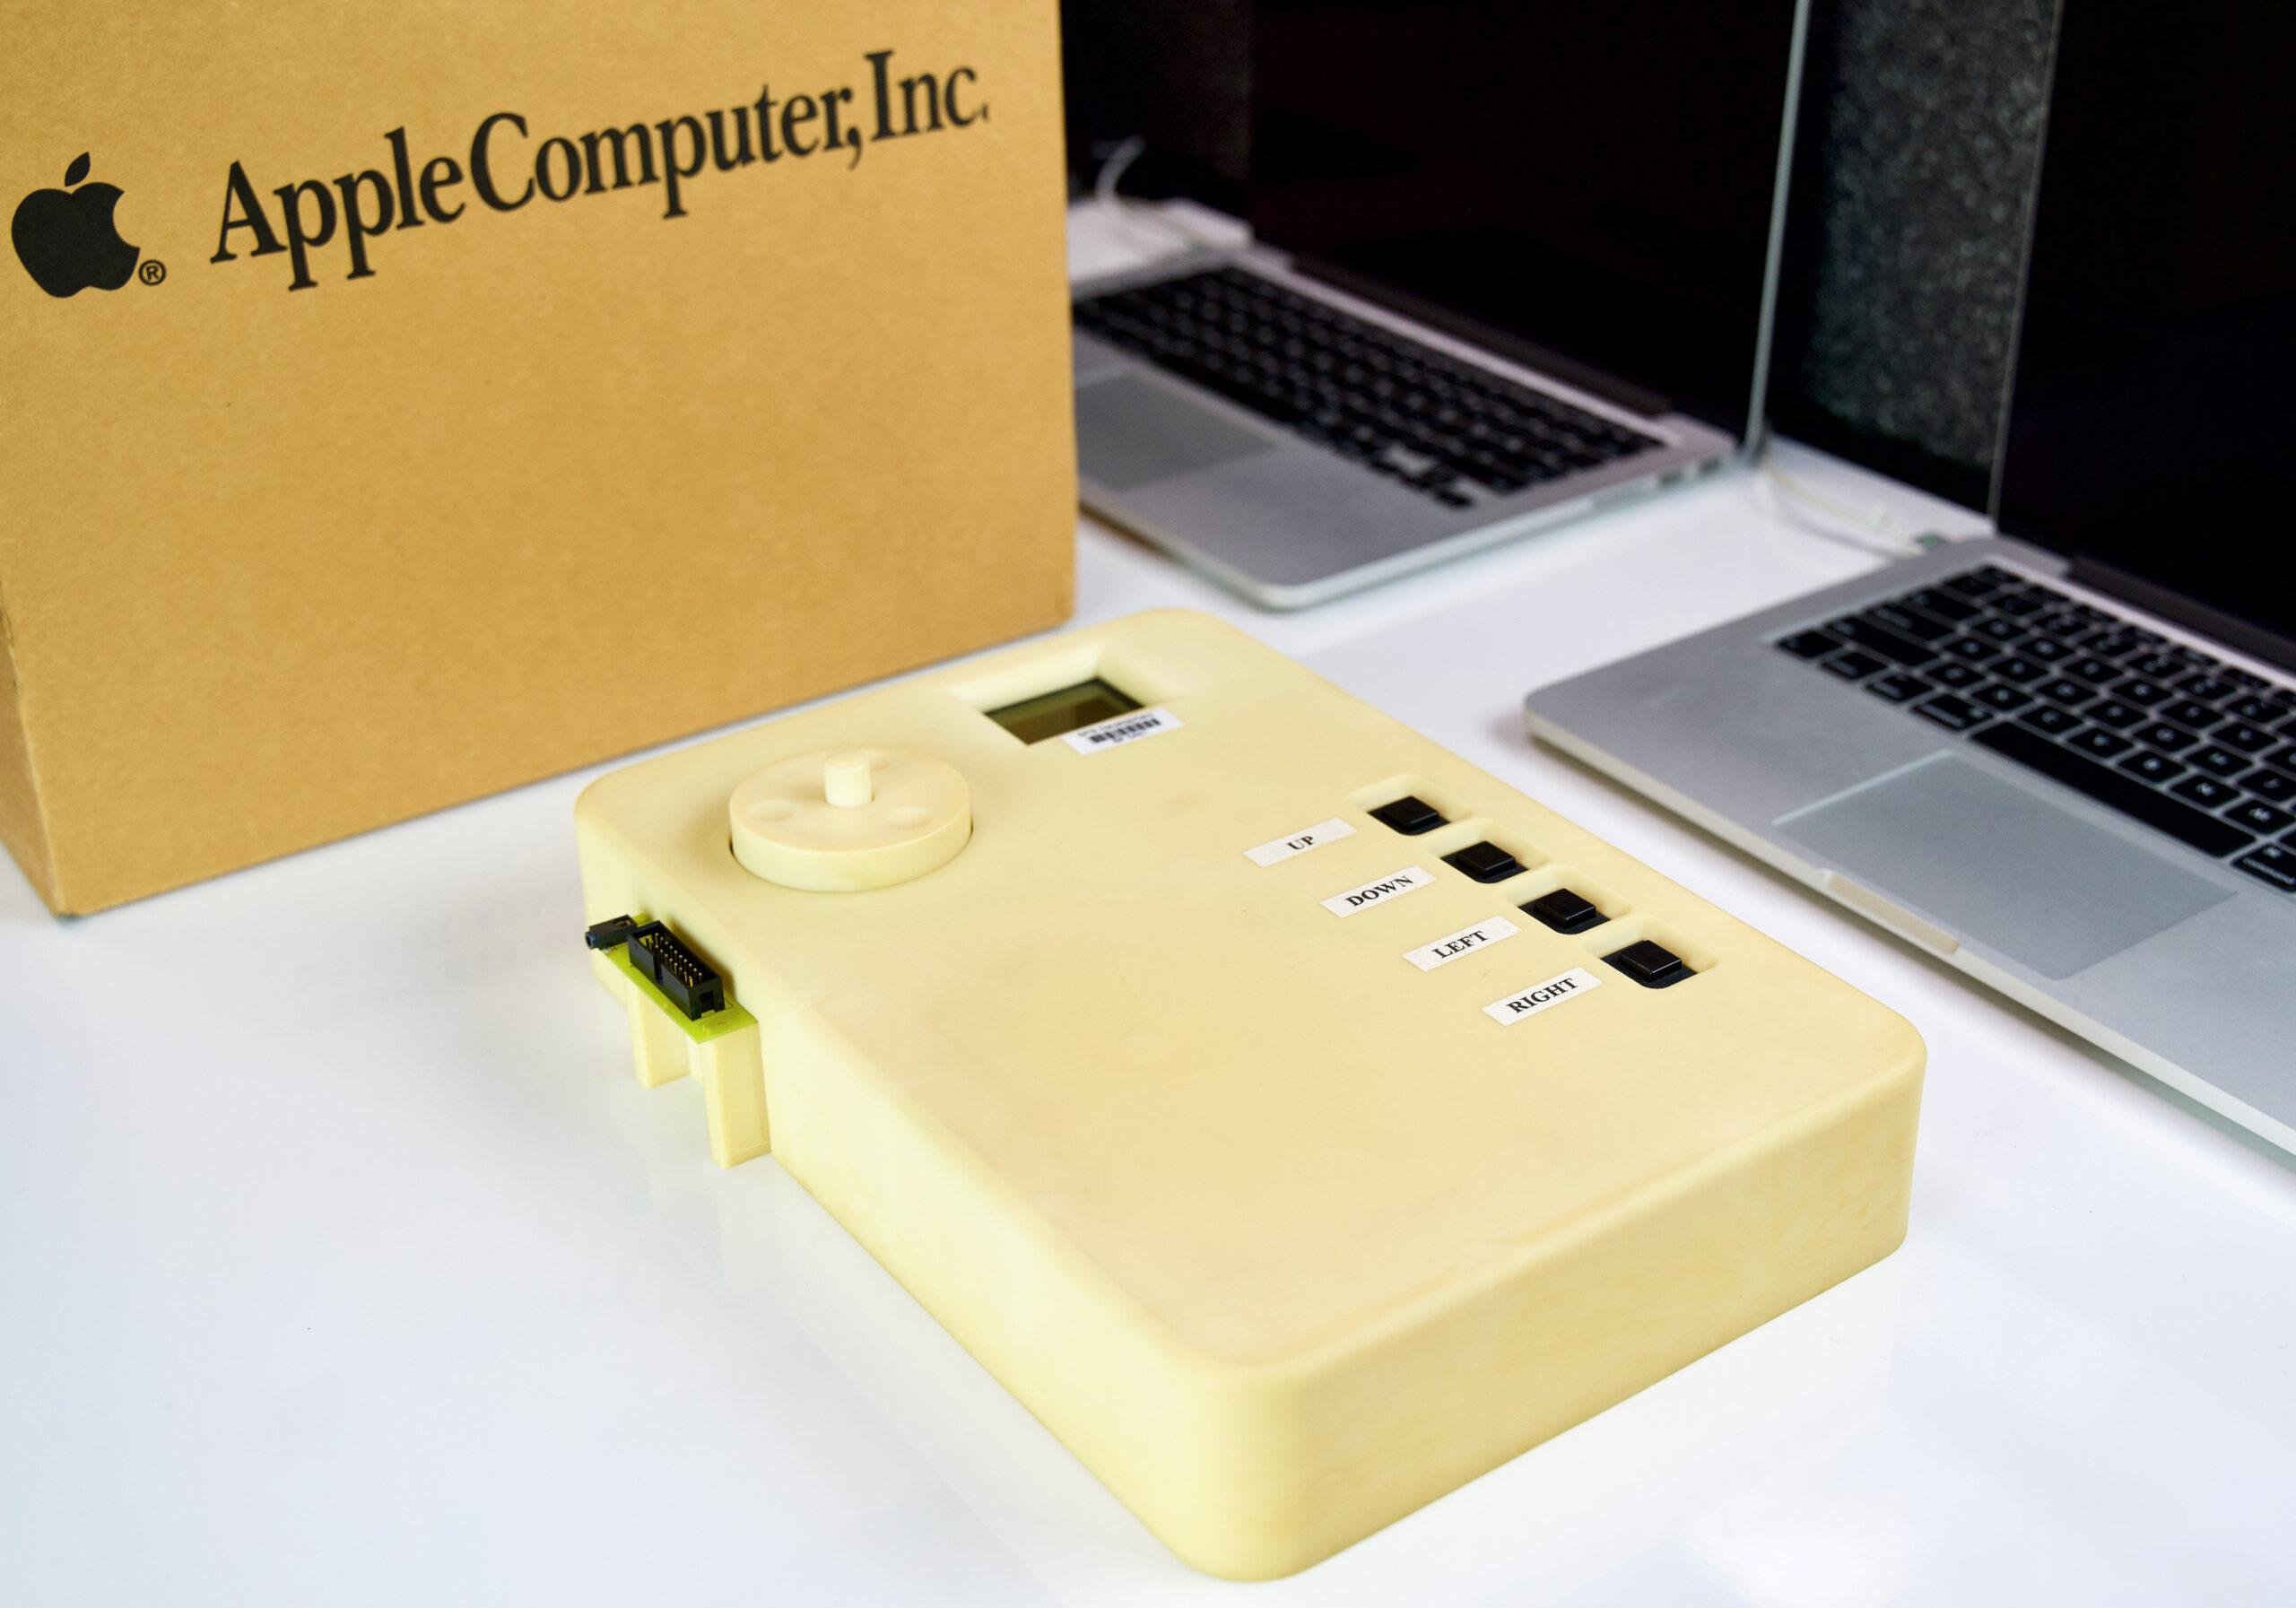 The original iPod prototype